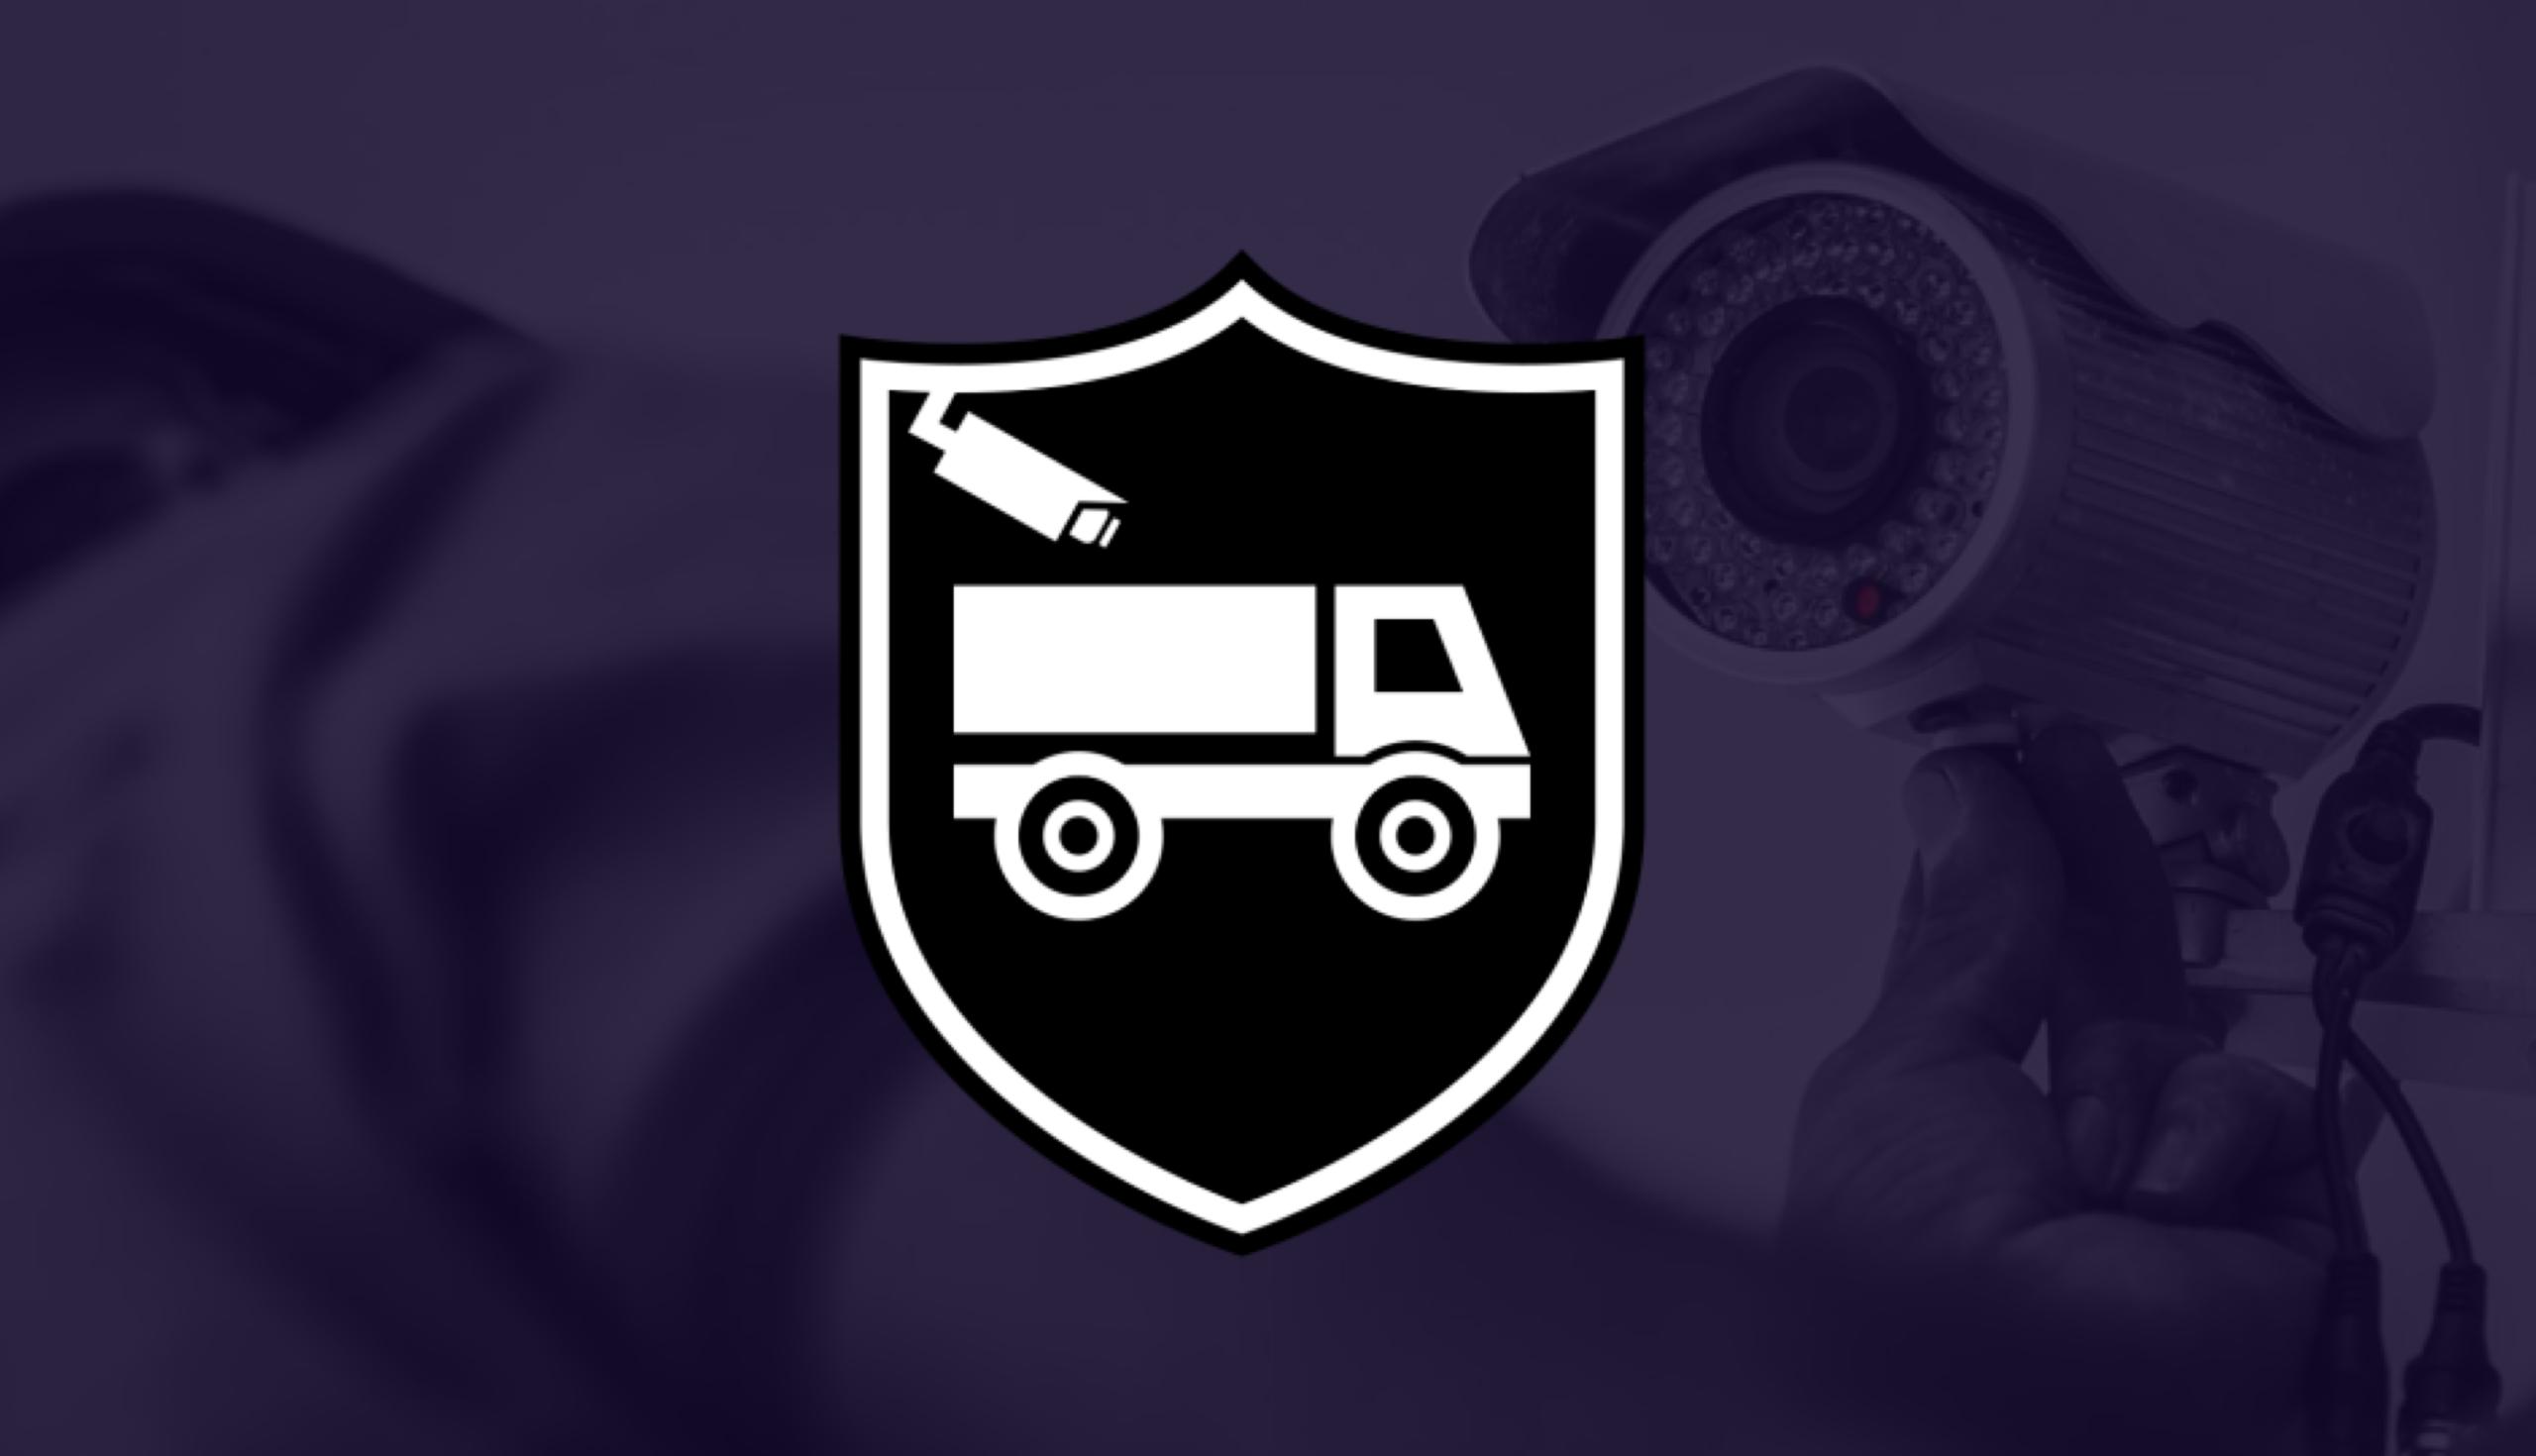 Security-park-sweden-lastbilsparkering